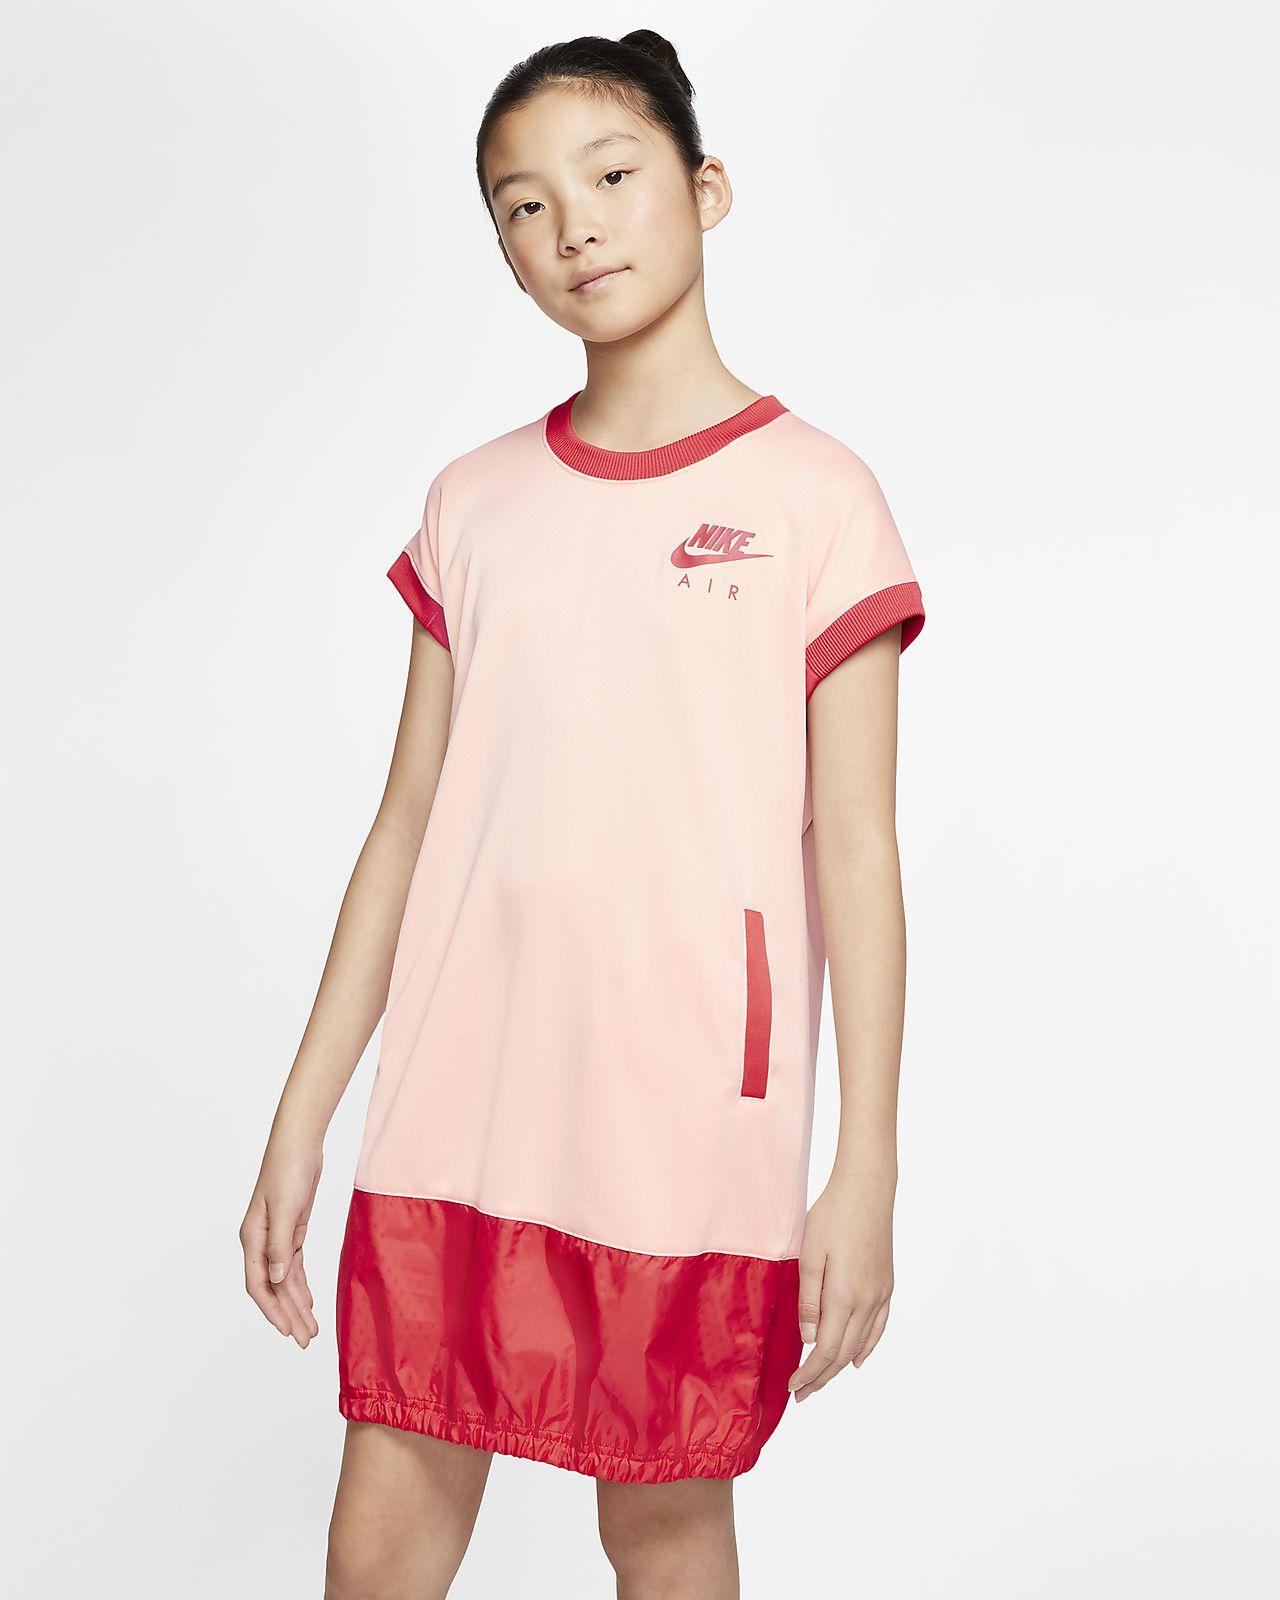 Robe à manches courtes Nike Air pour Fille plus âgée